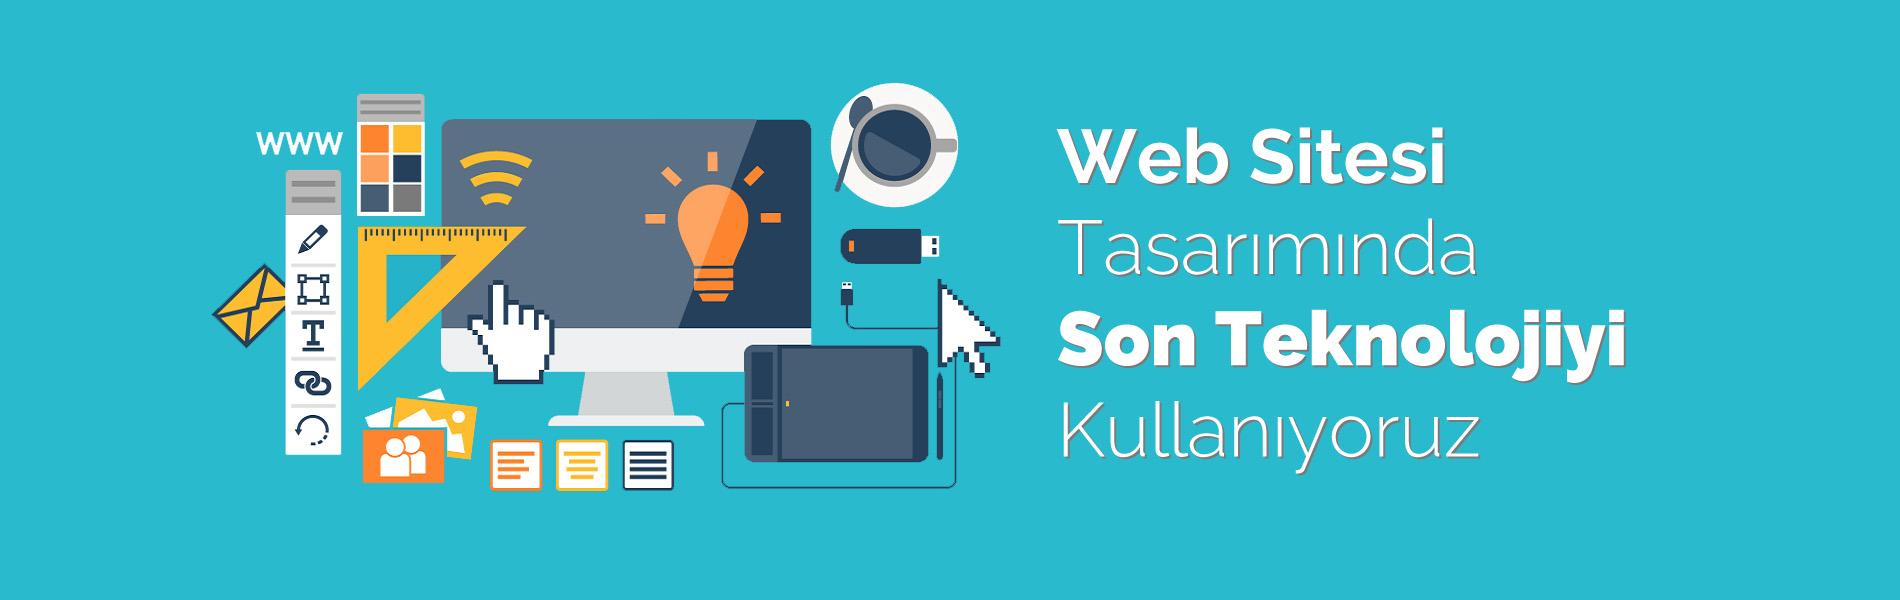 Web Sitesi Tasarımında Son Teknolojiyi Kullanıyoruz